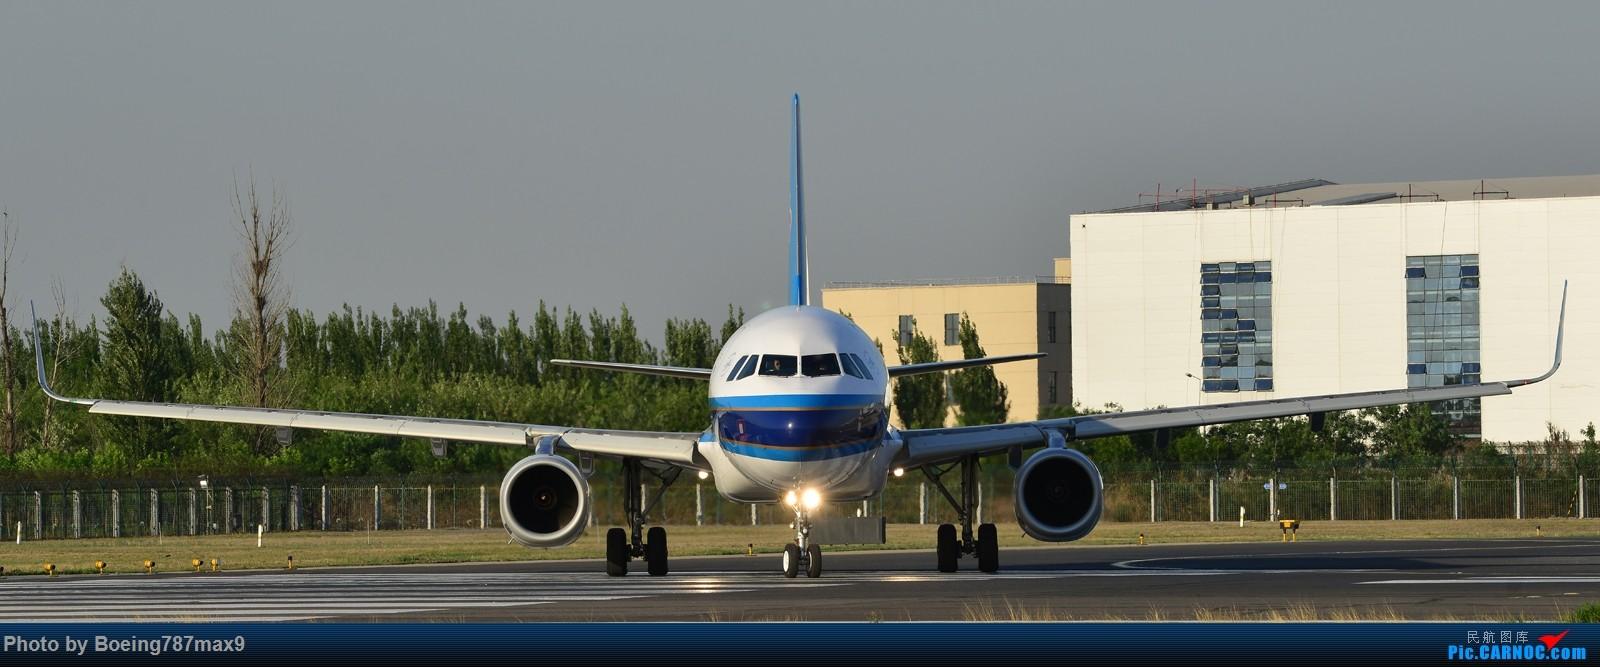 Re:[原创]【PEK】独一无二独特的拍摄角度,超有震撼力的机头『1600*高清大图』 AIRBUS A320-200 B-1801 中国北京首都国际机场